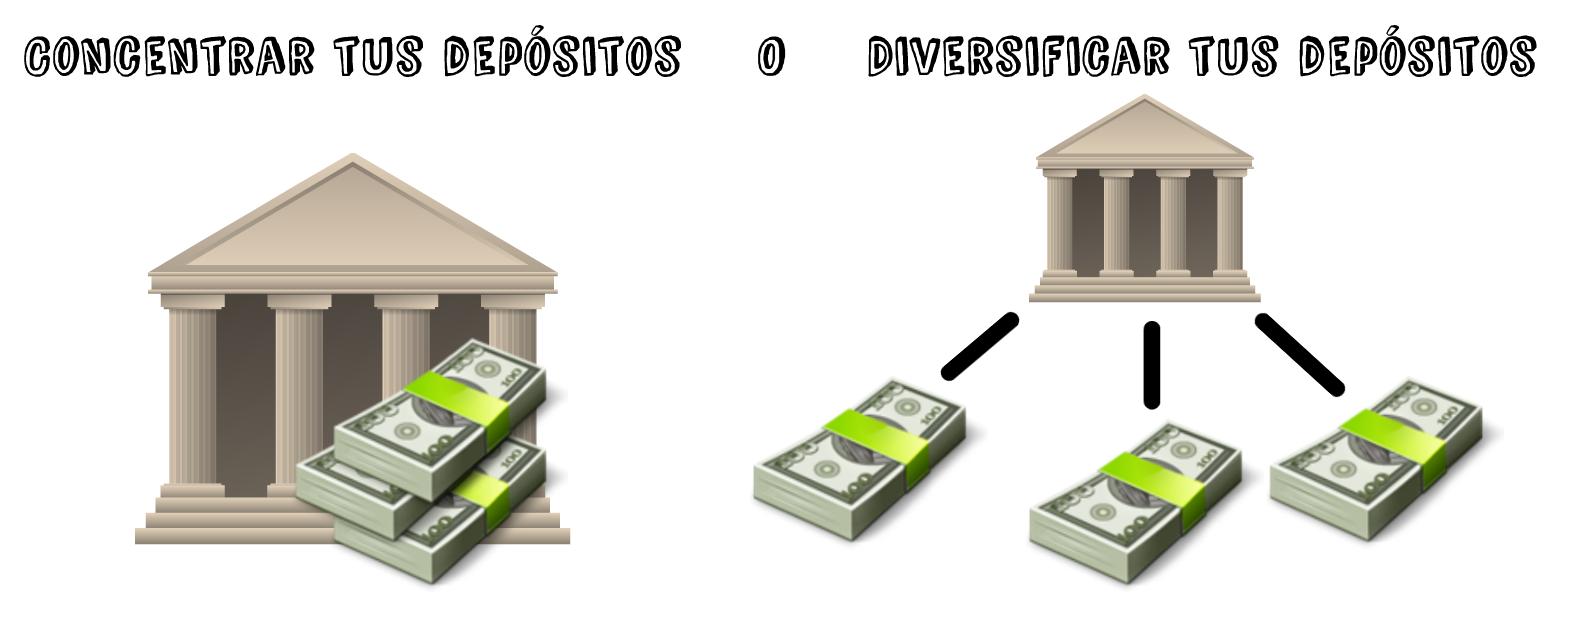 ¿Qué es mejor, invertir todos tus ahorros en un depósito o diverficar?